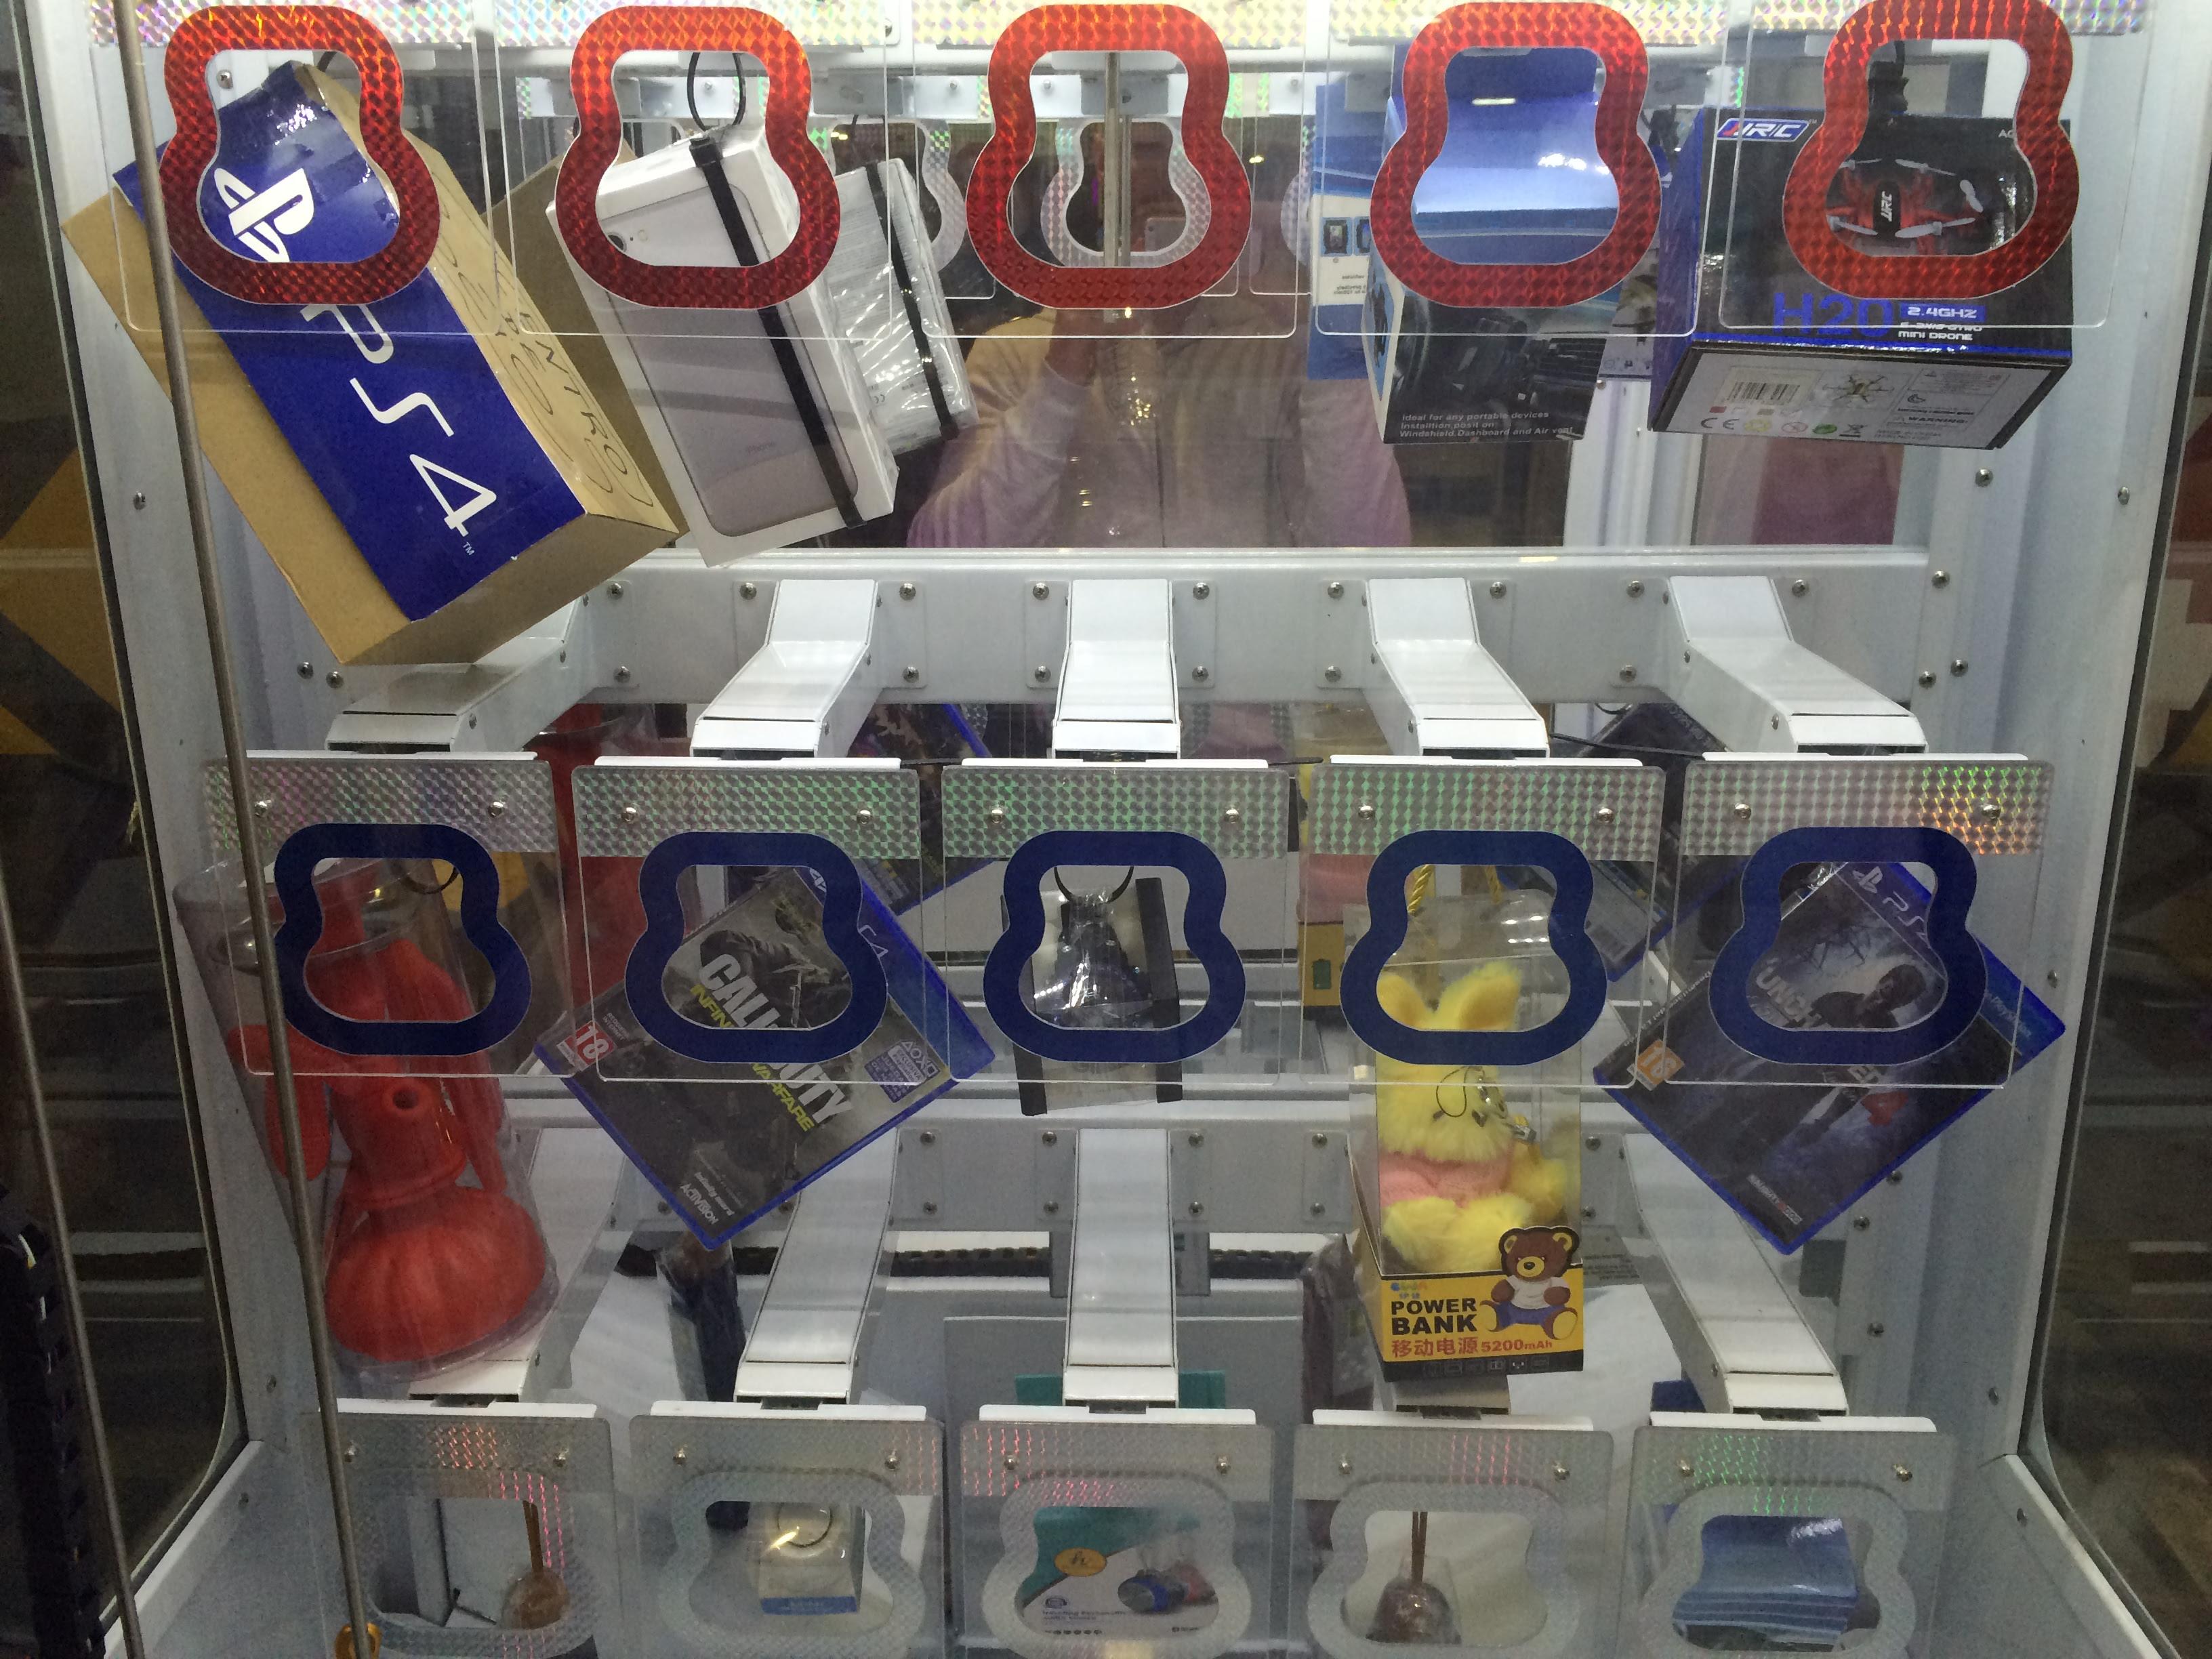 Juegos De Maquinas De Dinero